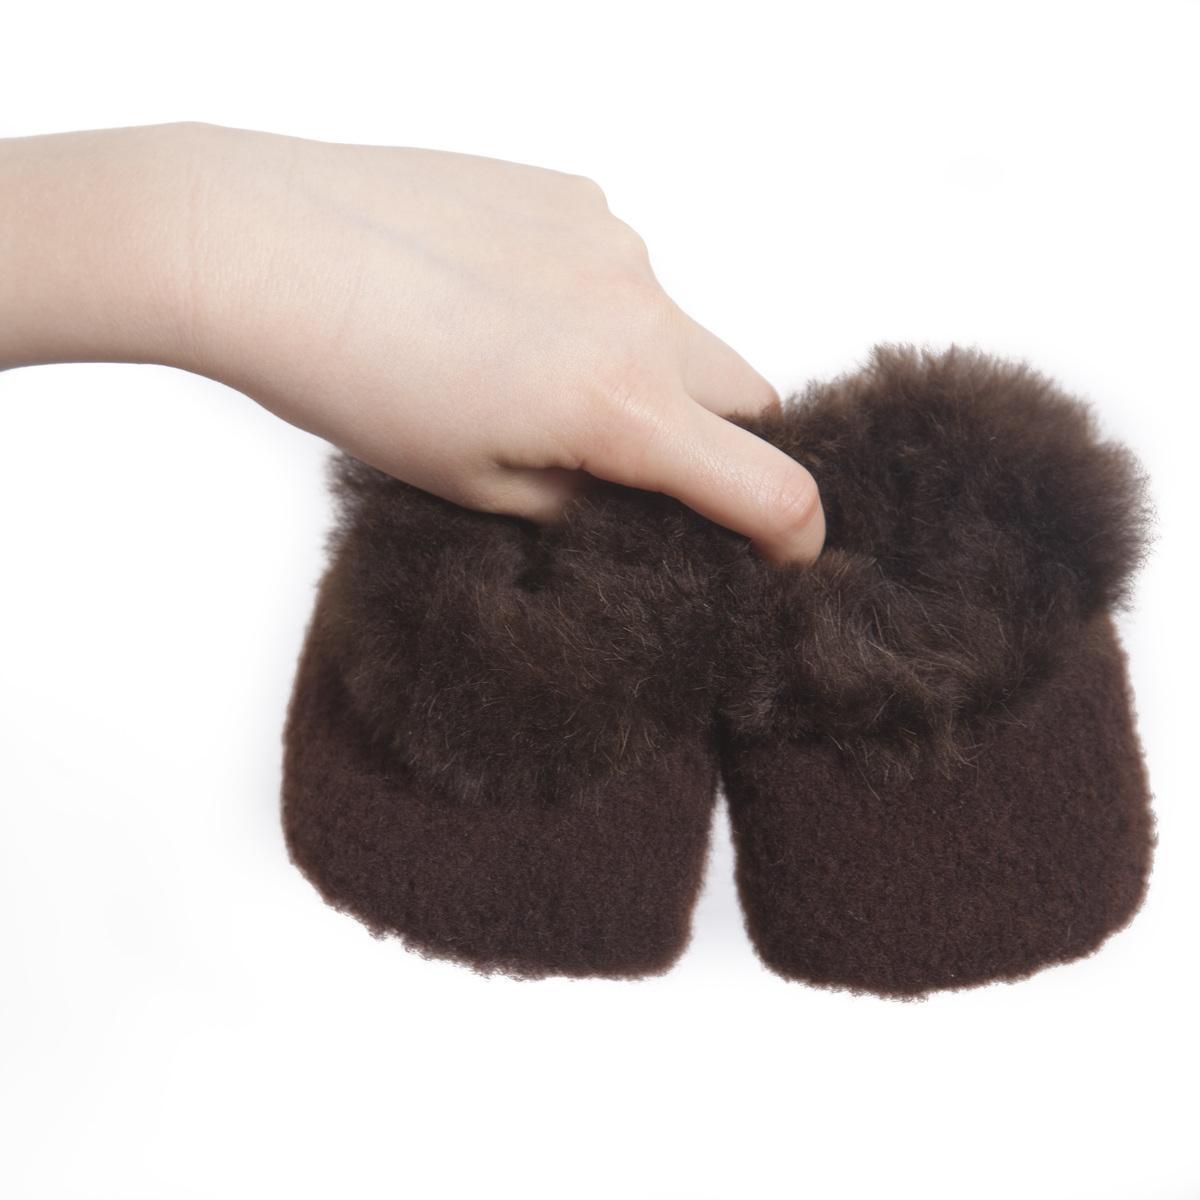 Baby Alpaca Fur & Merino Booties